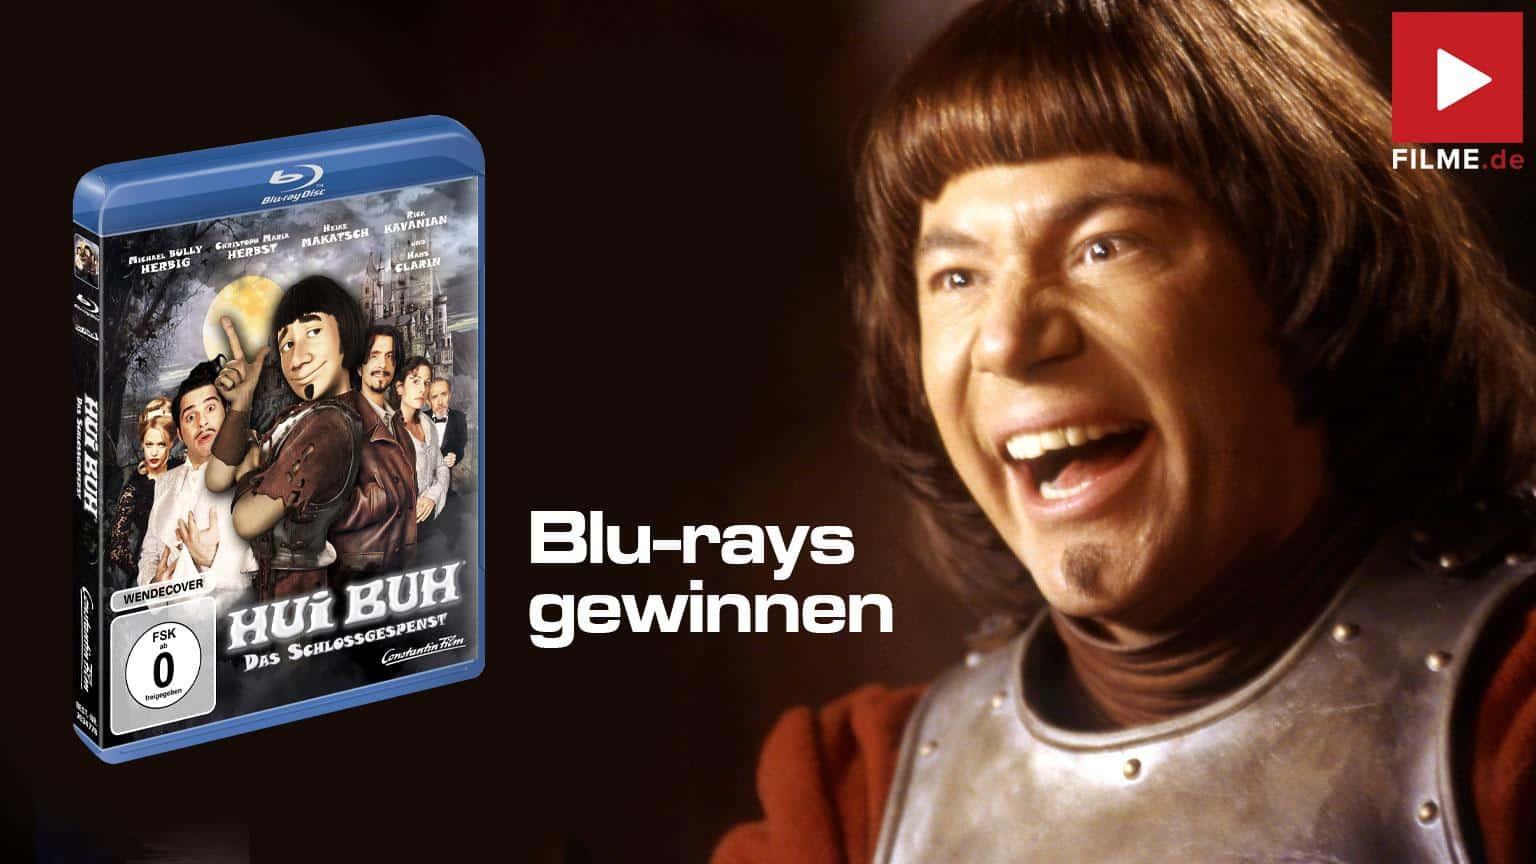 Hui Buh - Das Schloßgespenst [Blu-ray] Gewinnspiel gewinnen shop kaufen Film 2006 Artikelbild